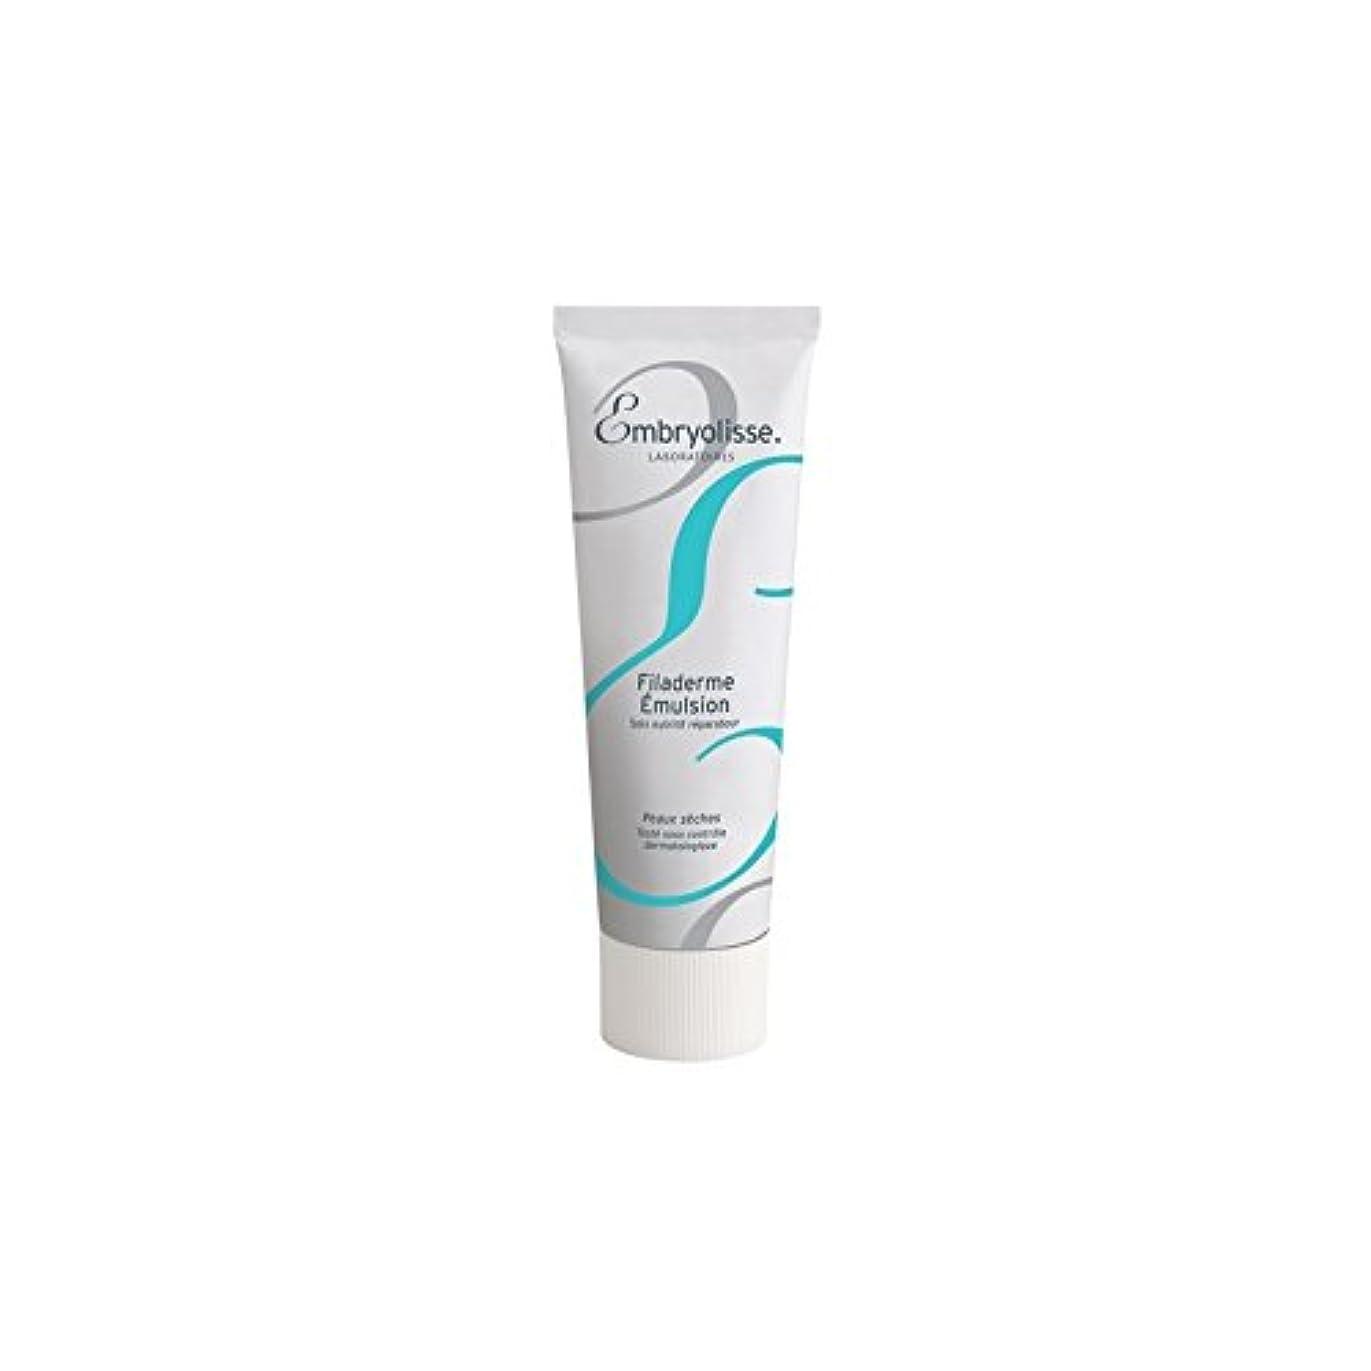 誰でも袋力学Embryolisse Filaderme Emulsion (75ml) (Pack of 6) - エマルジョン(75ミリリットル) x6 [並行輸入品]